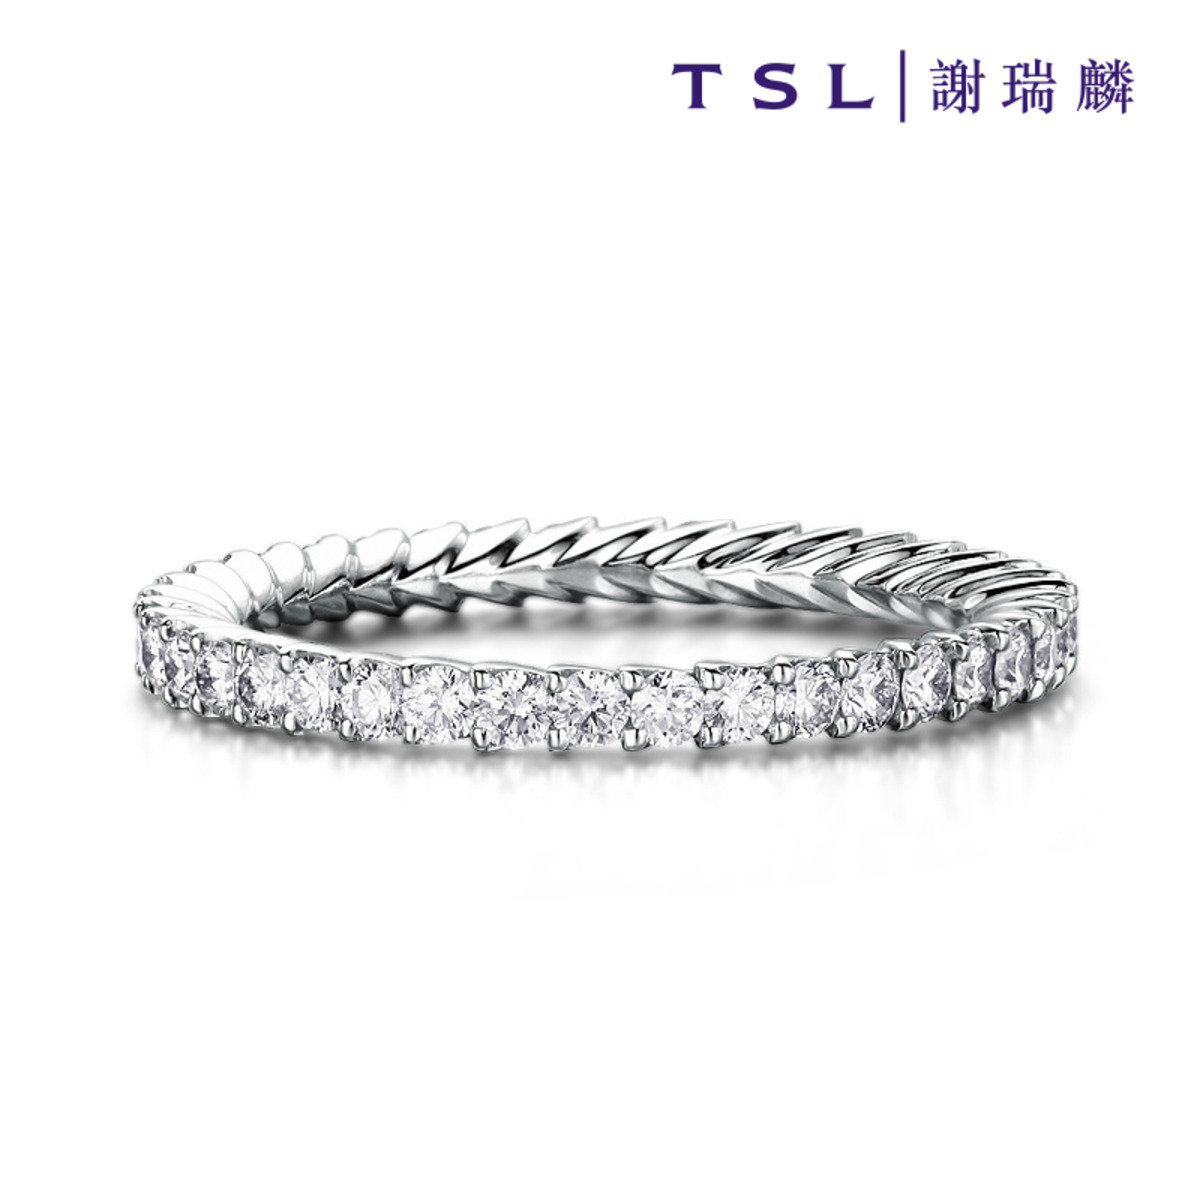 [指語 - 疊邊鑲系列] 750/18K白色黃金鑲天然鑽石戒指